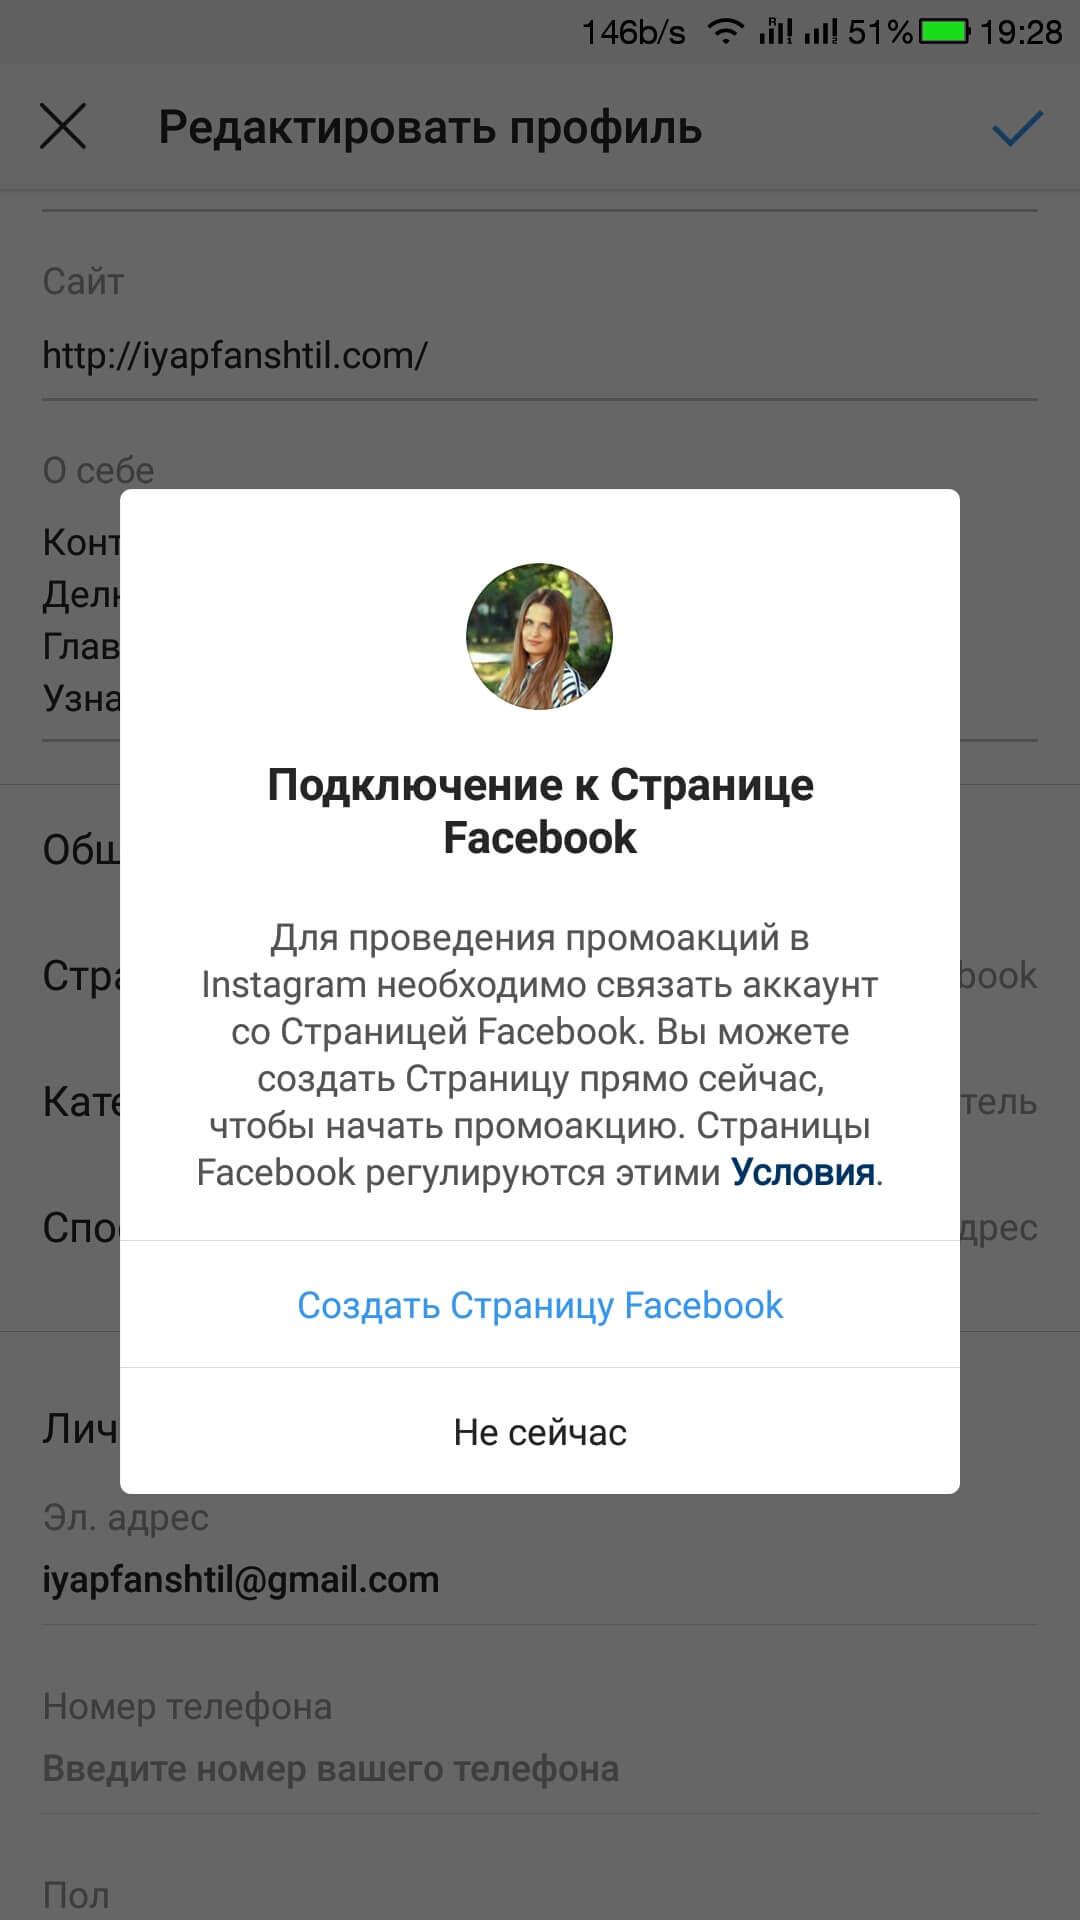 Подключение к Facebook через Инстаграм